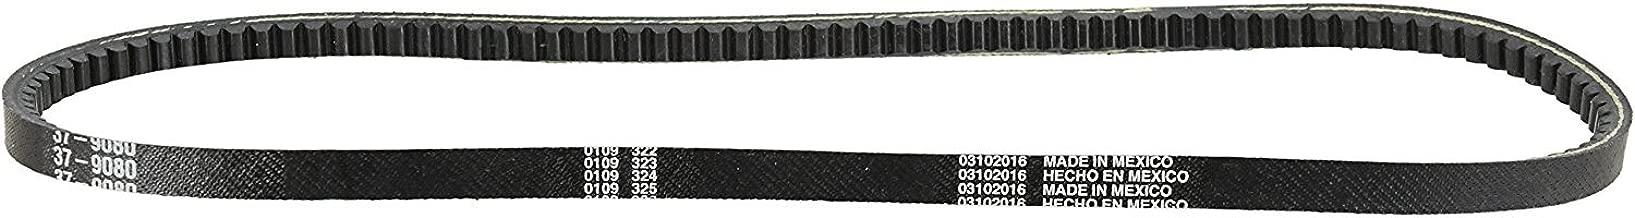 Toro 37-9080 V-Belt